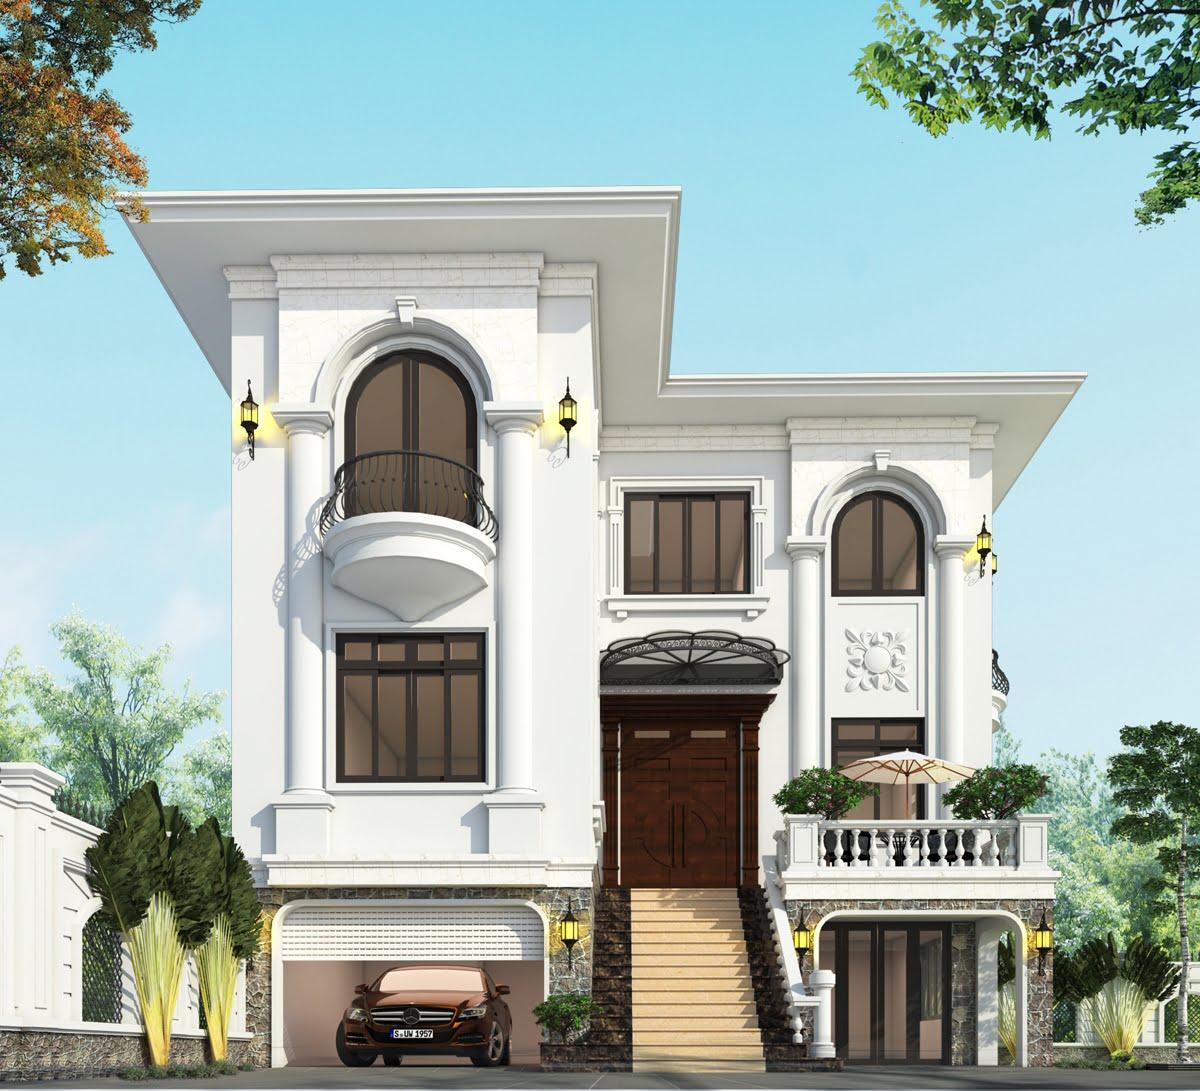 biệt thự 3 tầng 9x12 phong cách tân cổ điển 1